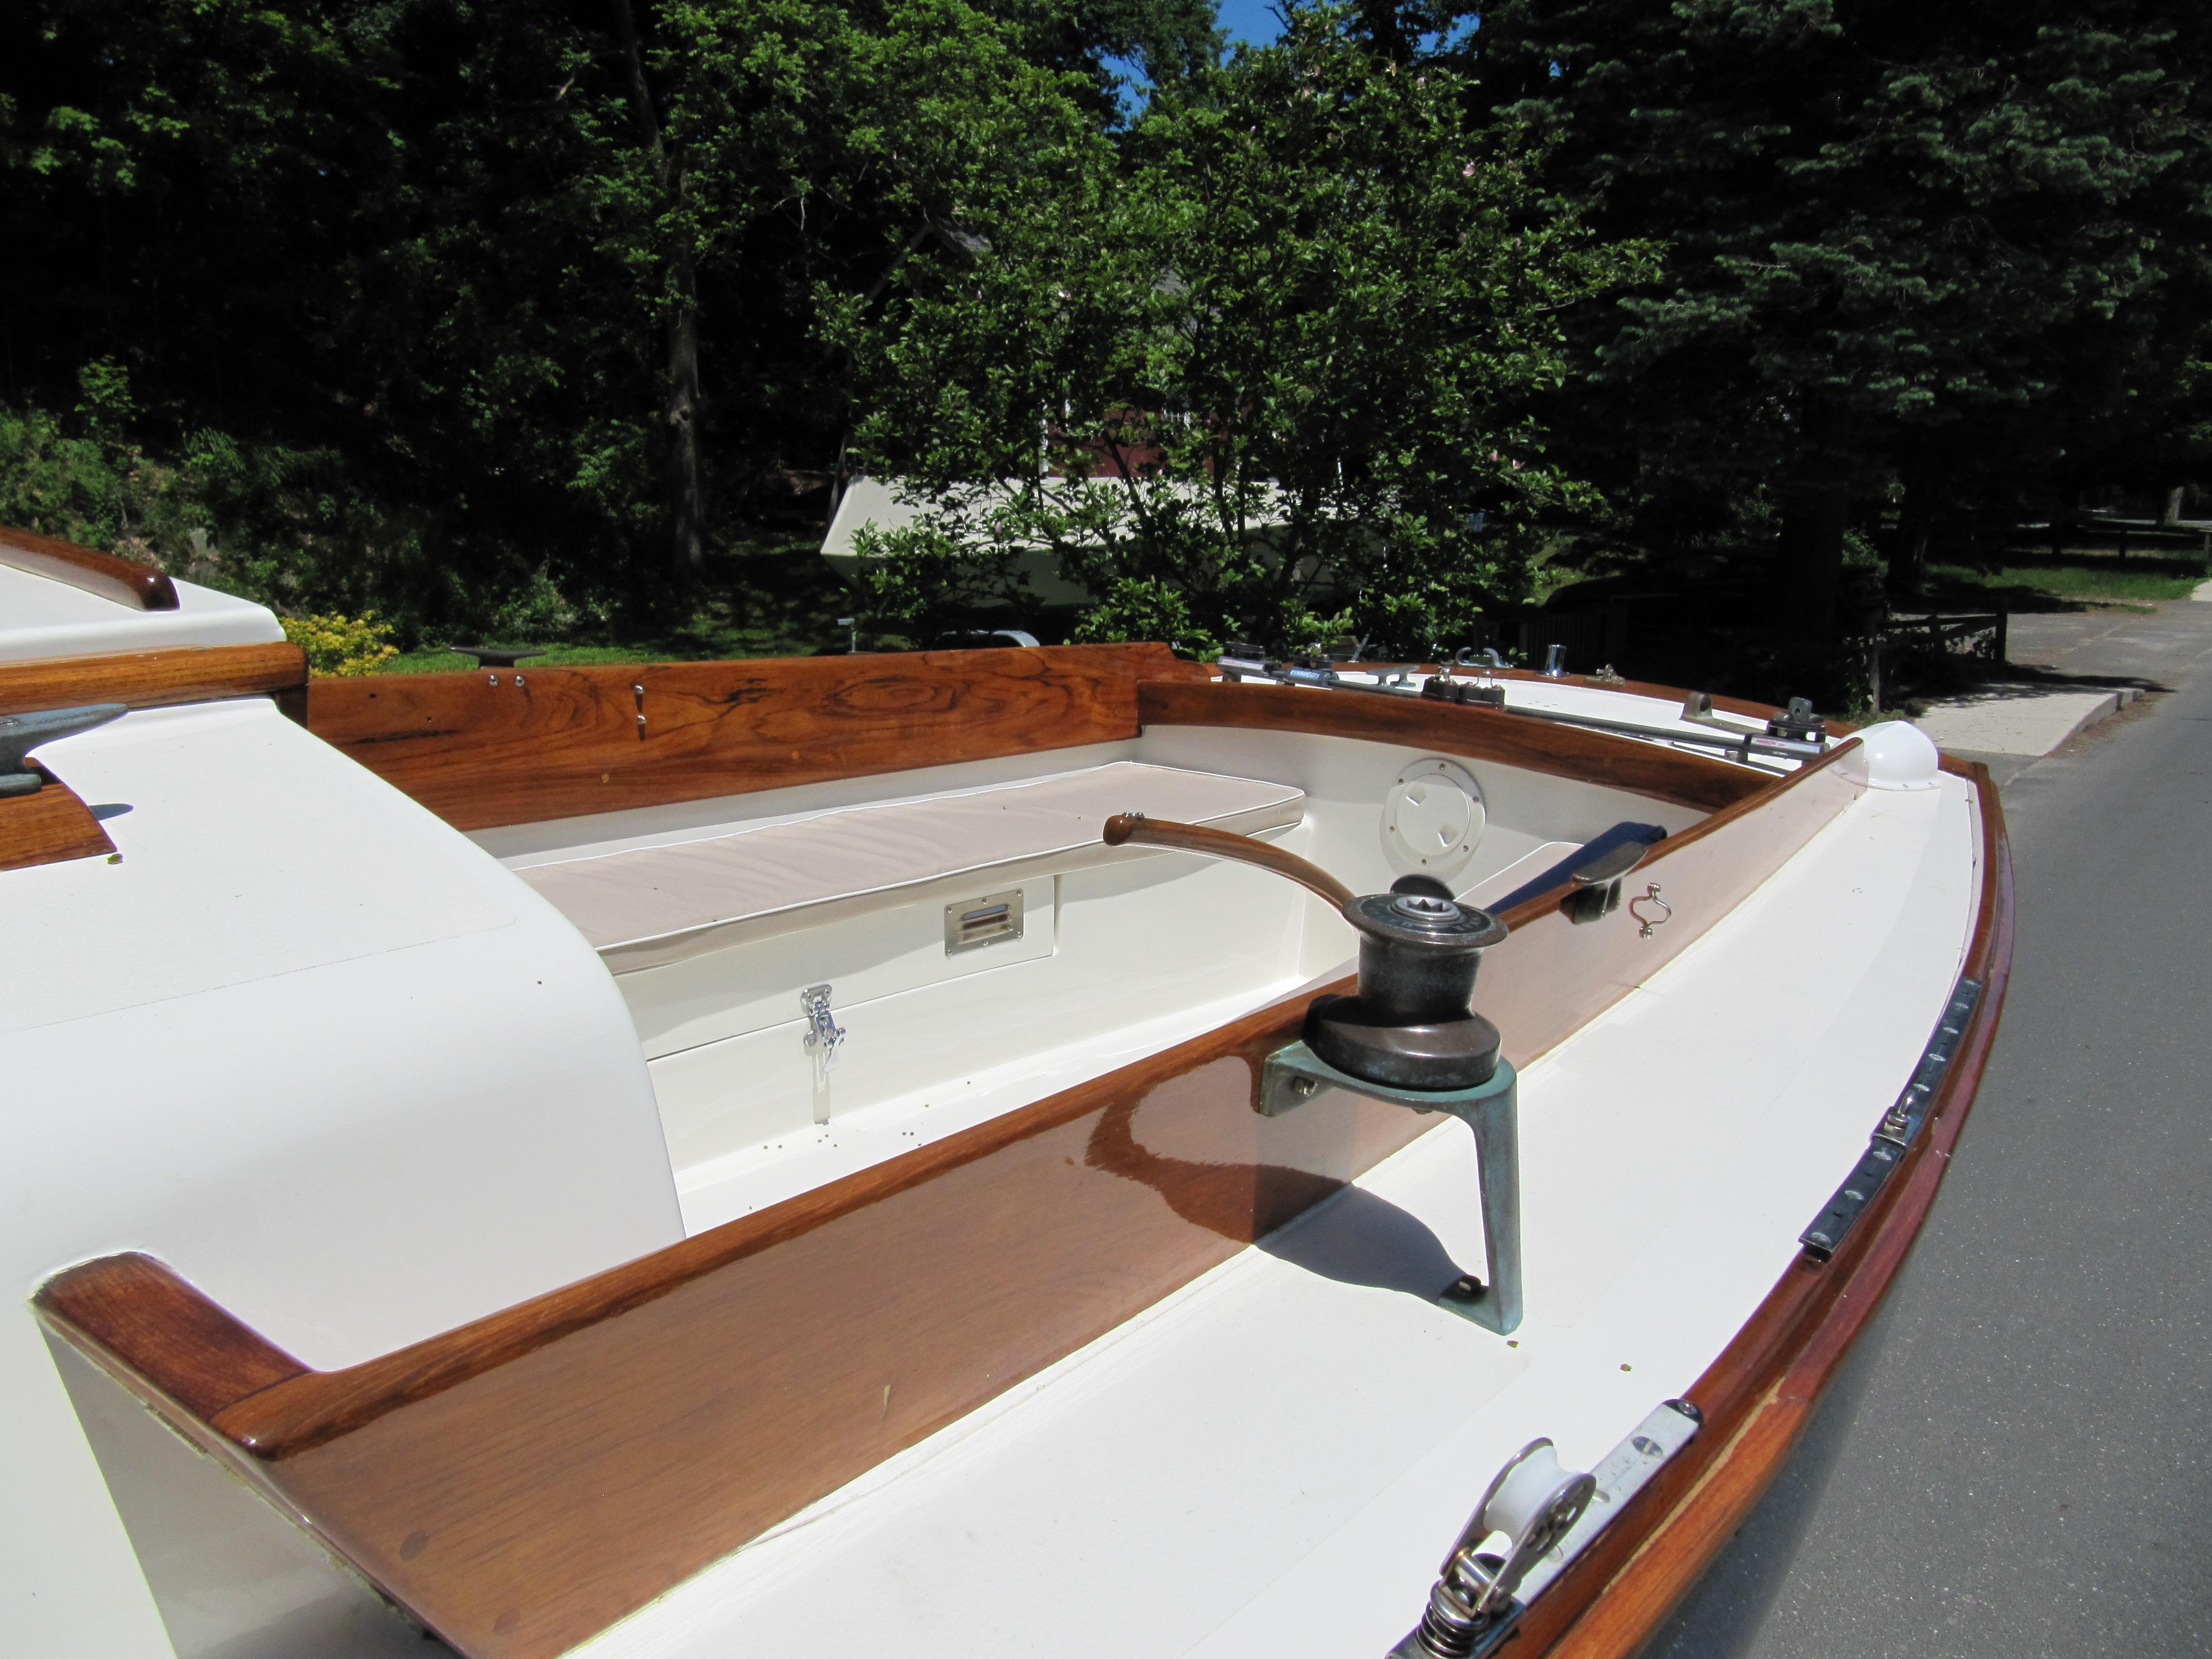 classicsailboatshop | Classic Sailboat Shop